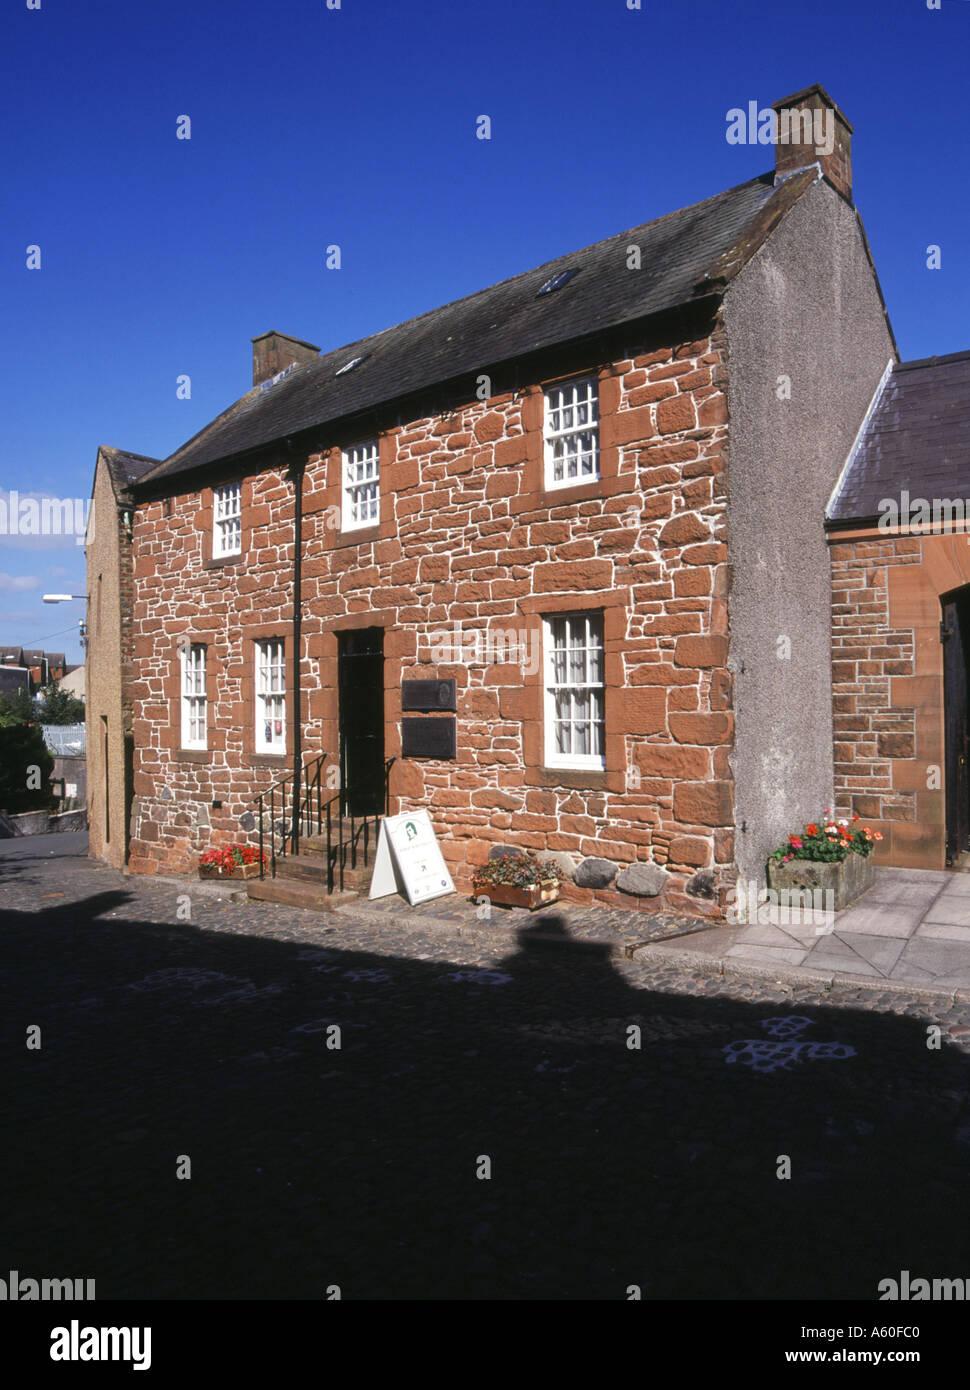 musée dh Robert Burns ecosse DUMFRIES GALLOWAY Rabbie Burns maison Poets tourisme Banque D'Images